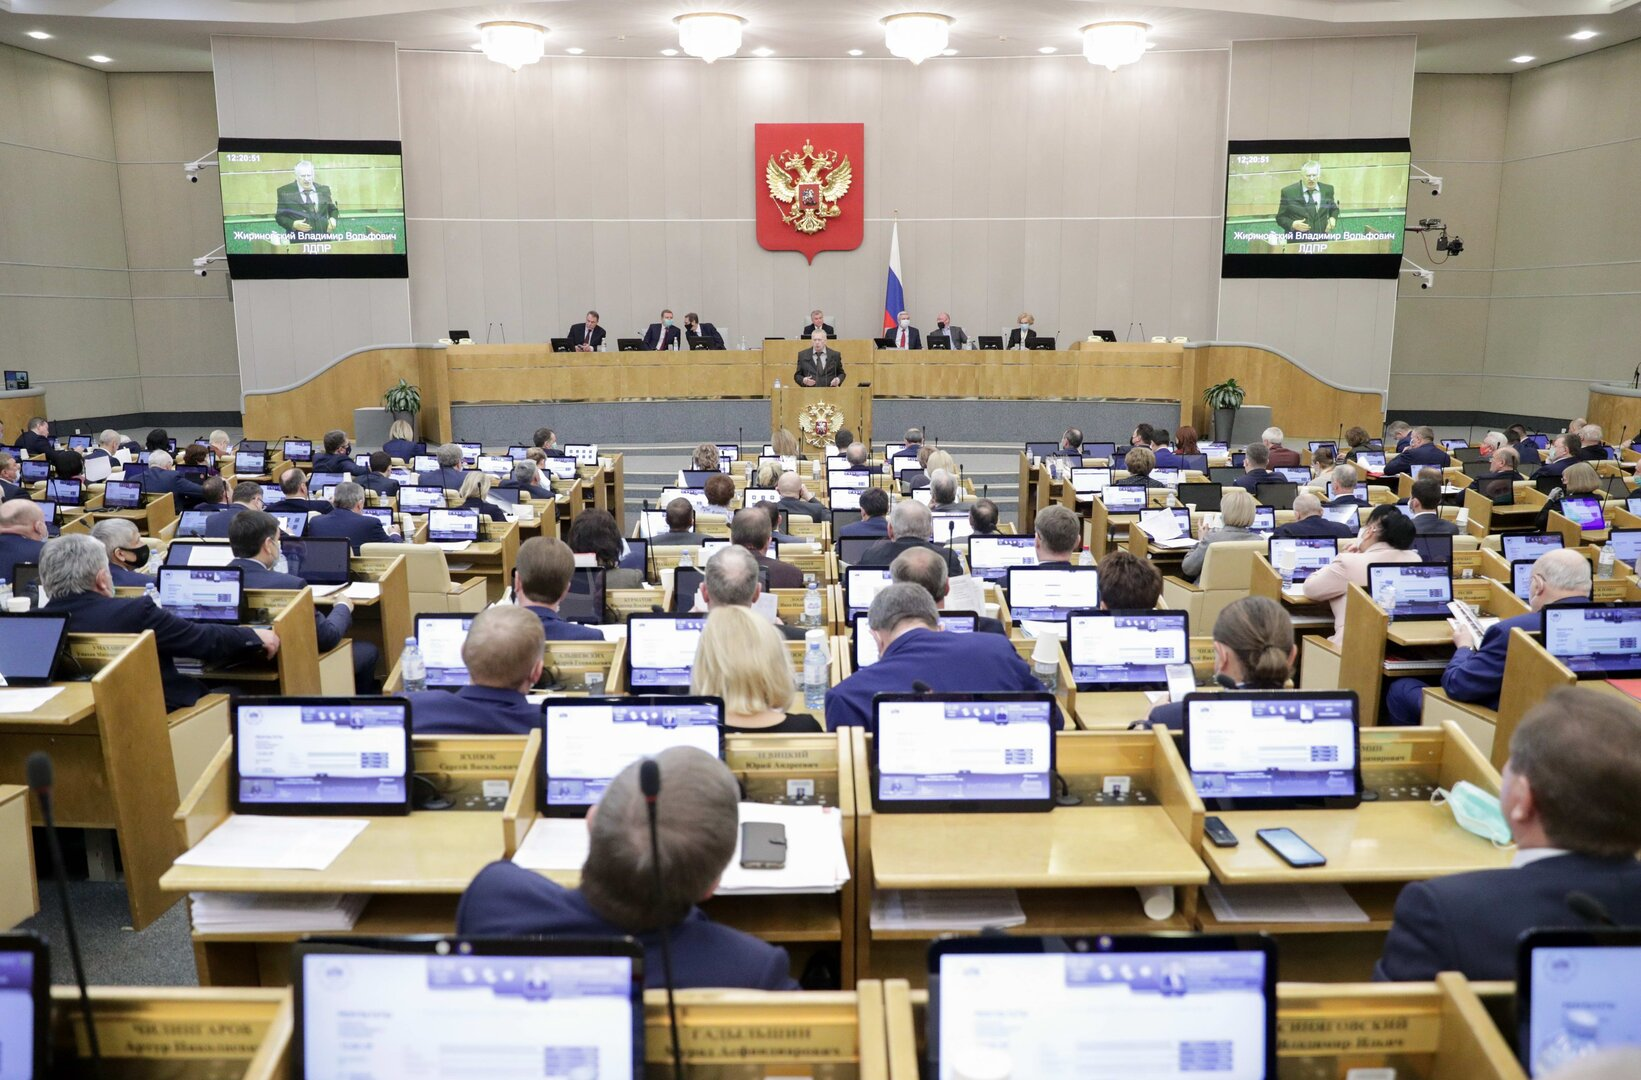 مجلس الدوما الروسي يقر تشريعا يعاقب على إهانة المحاربين القدامى